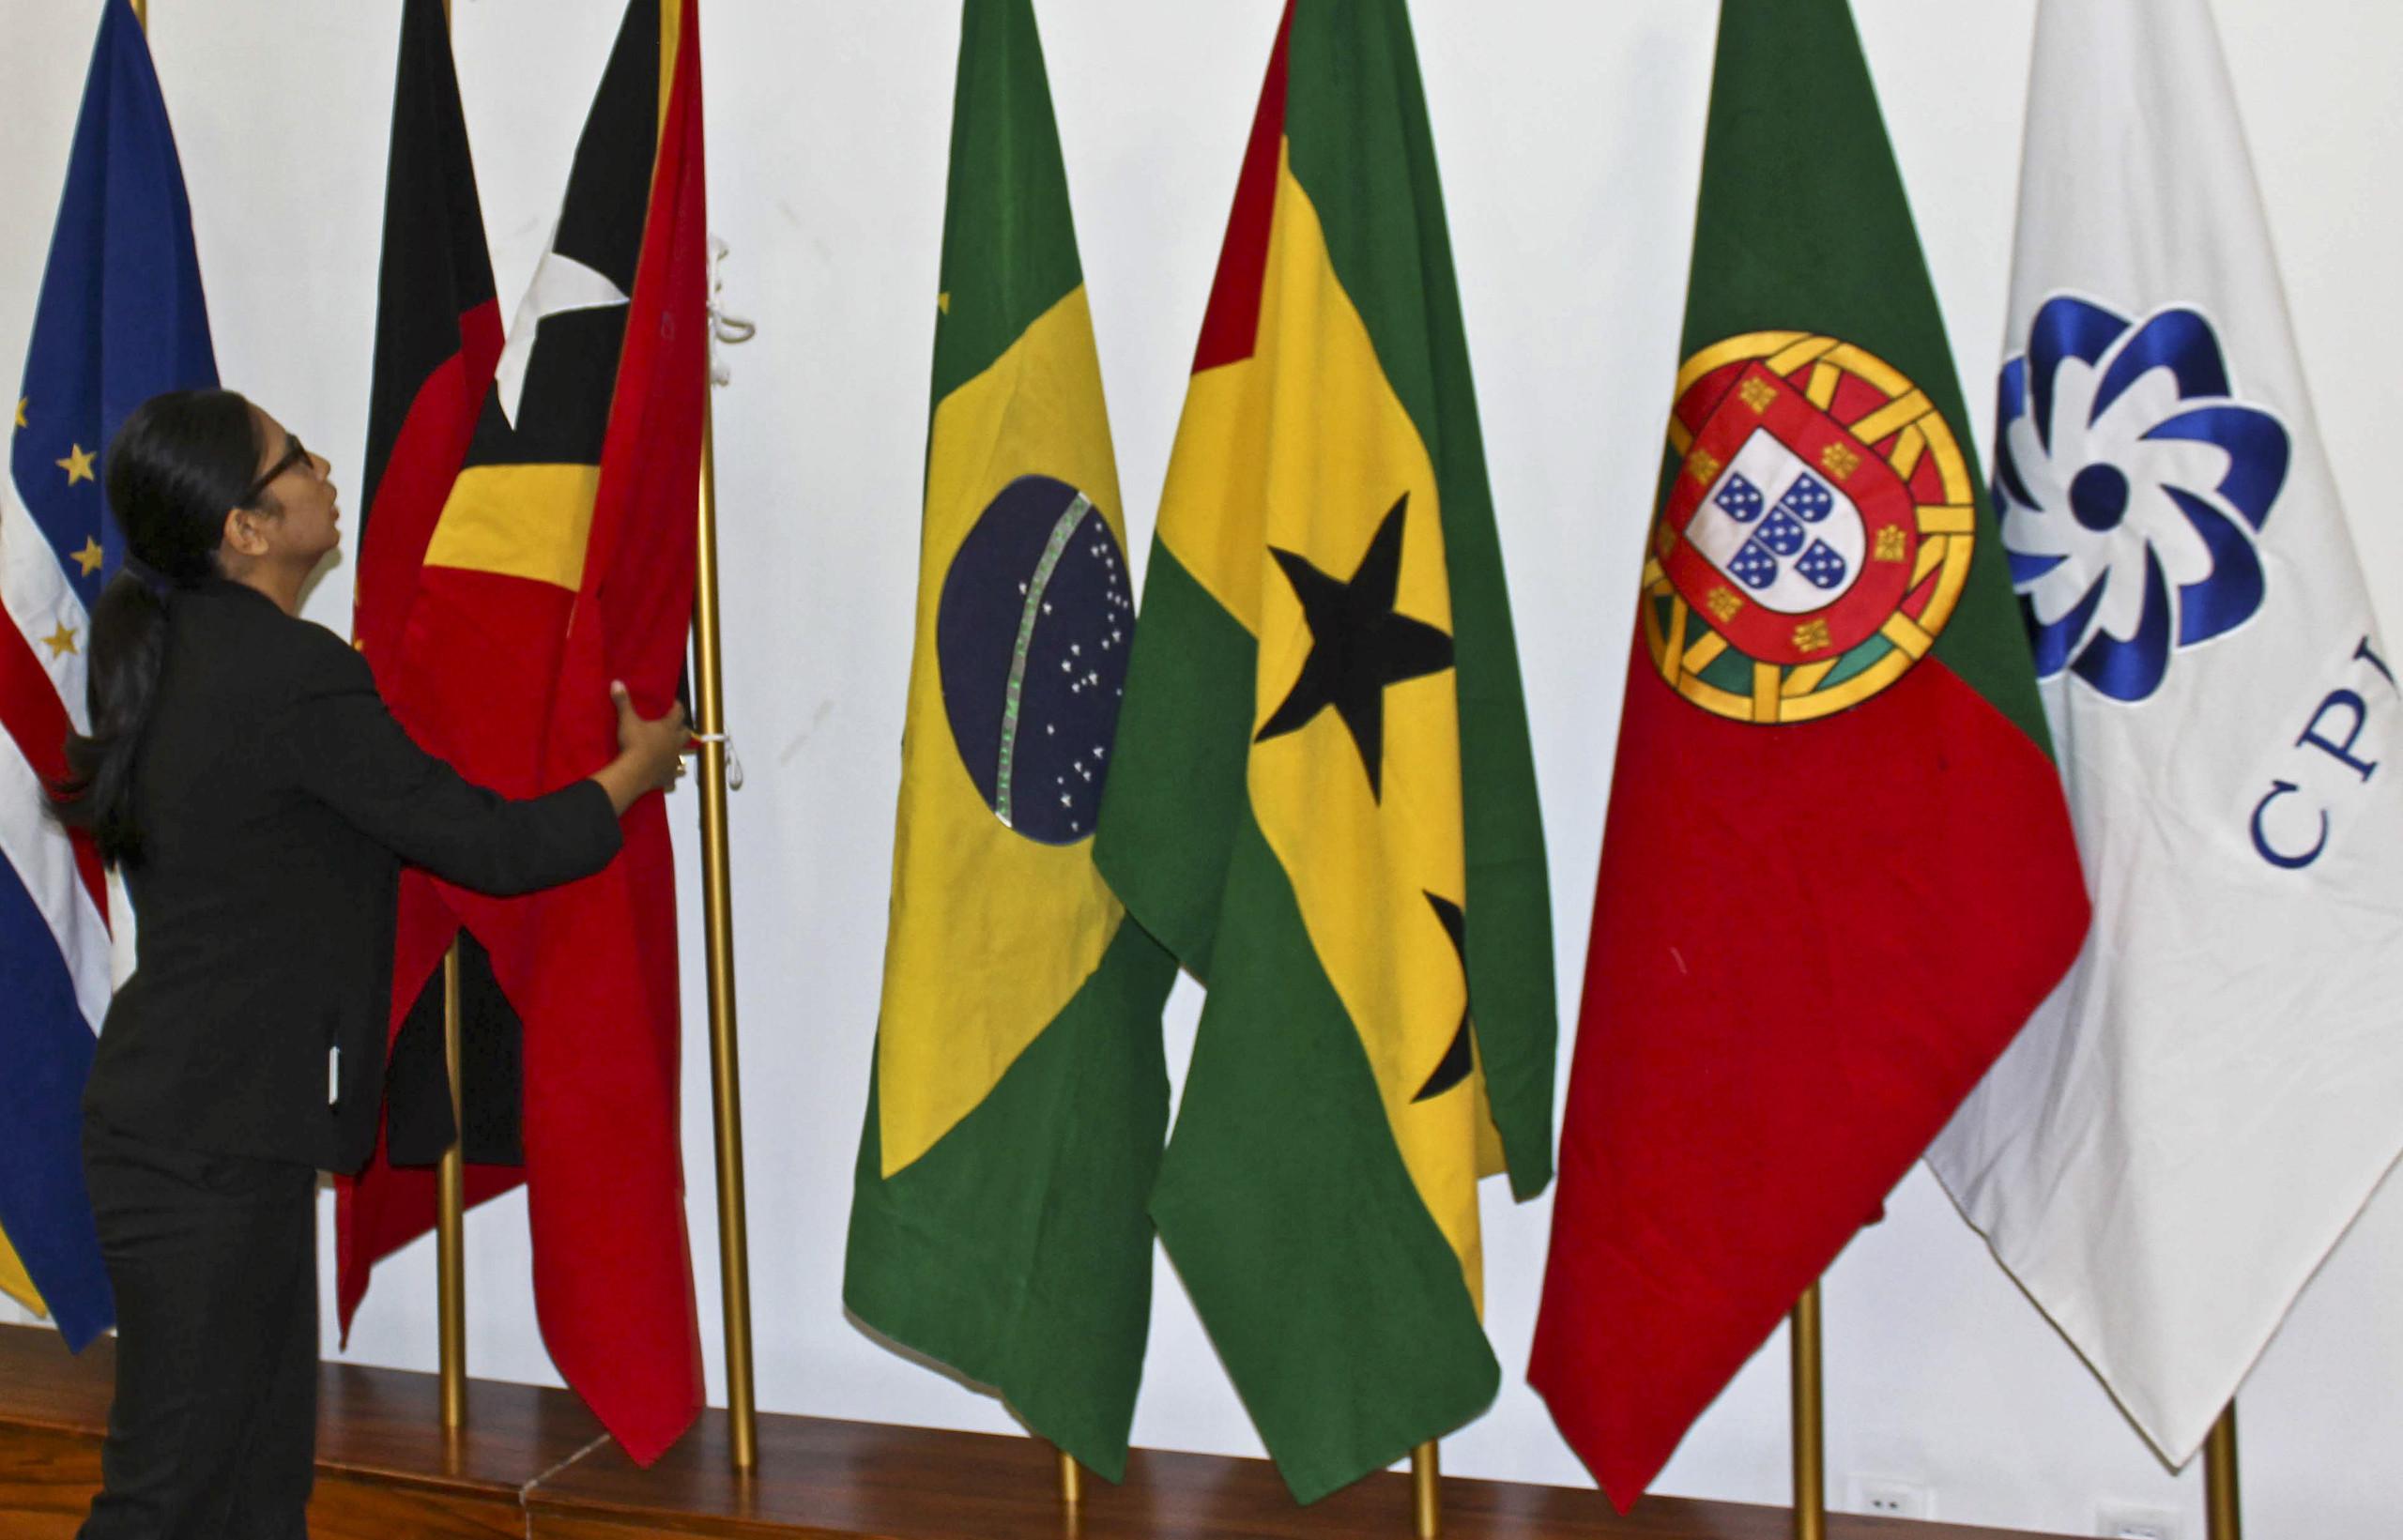 Chefes da diplomacia da CPLP discutem implantação da agenda 2030